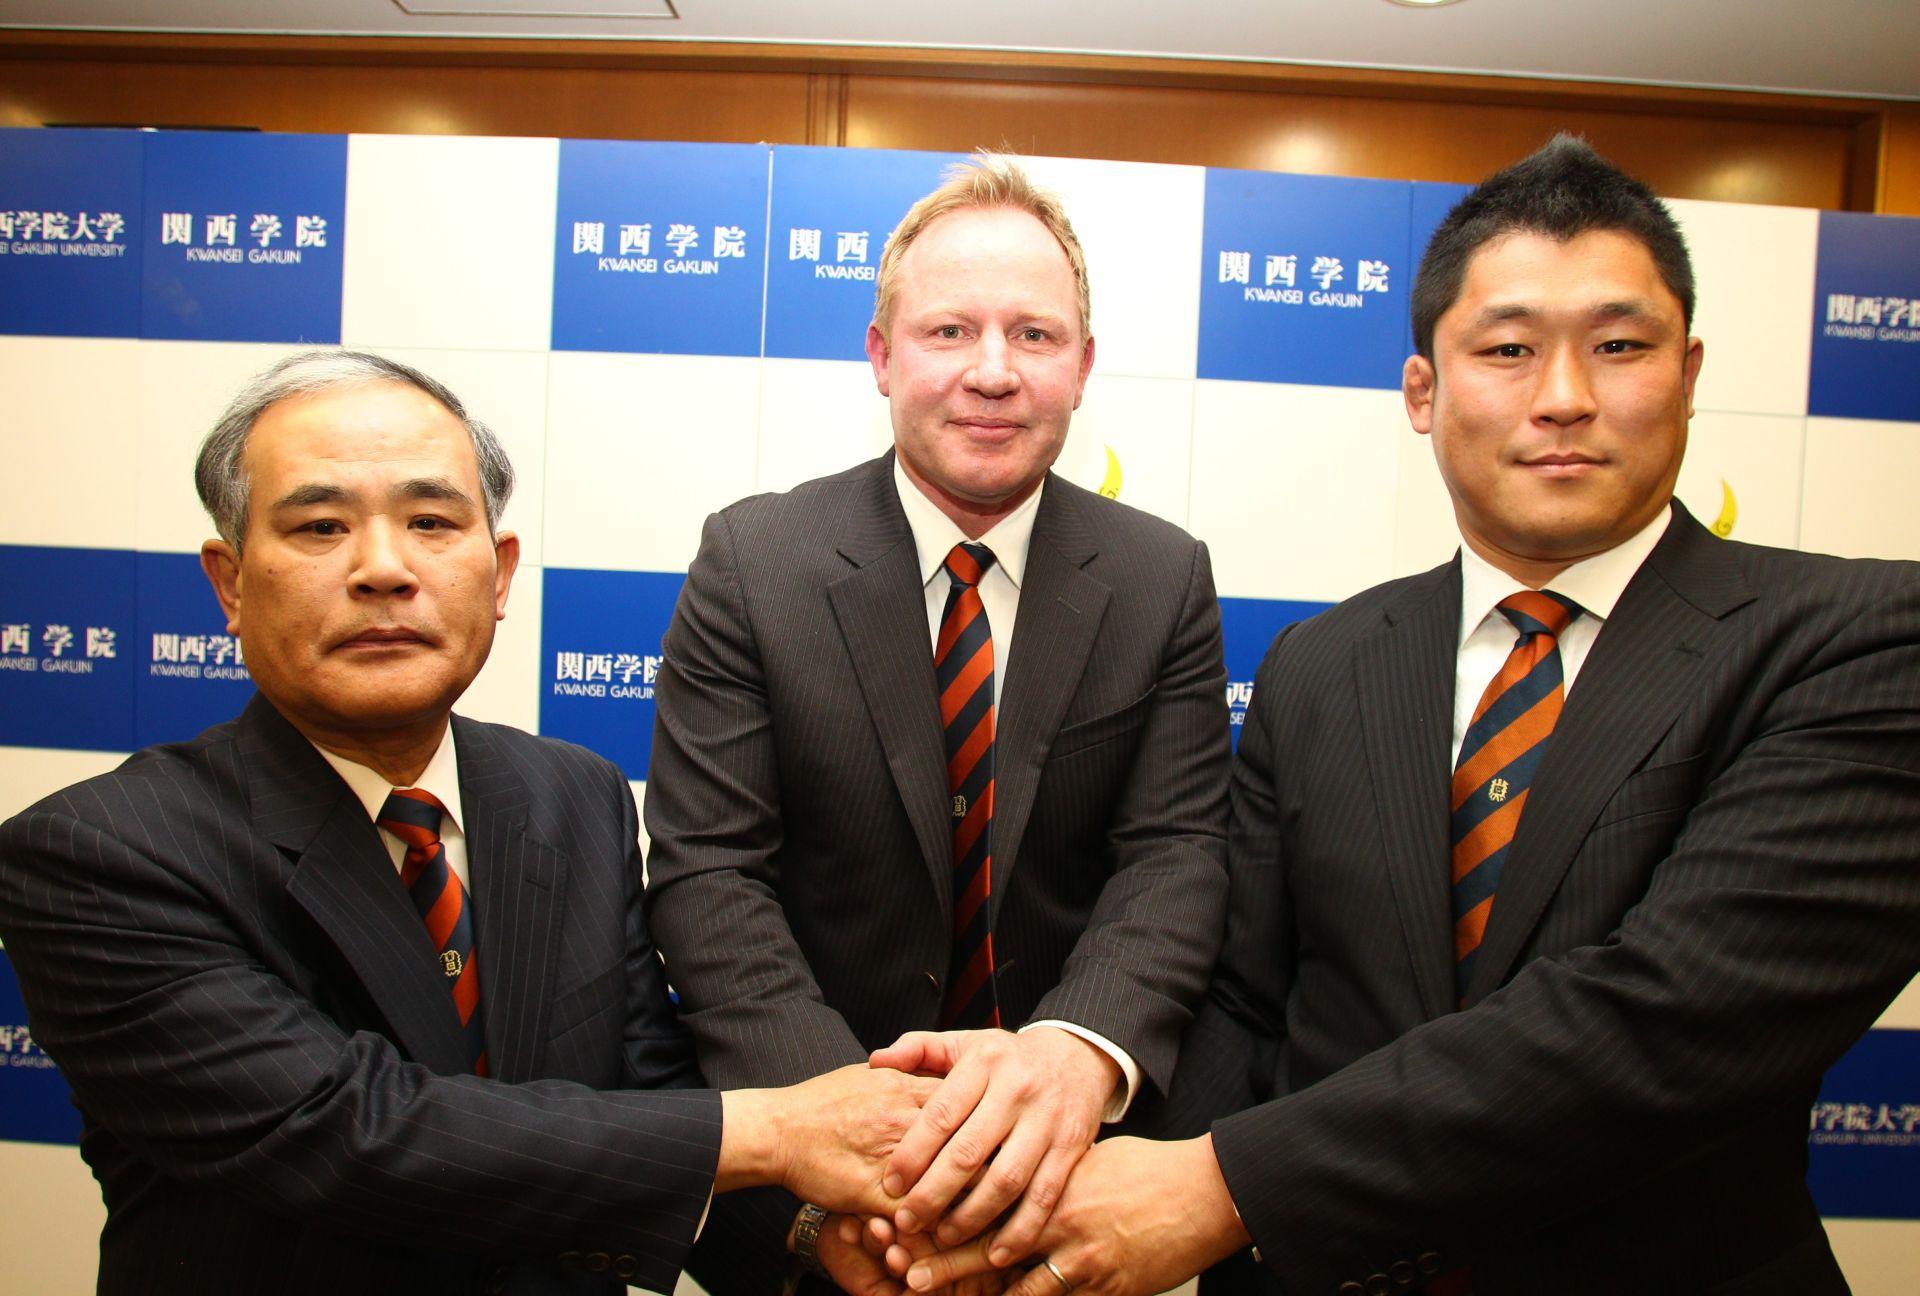 関西学院大ヘッドコーチに就任したアンドリュー・マコーミック氏(中)。右は萩井好次監督(撮影:BBM)